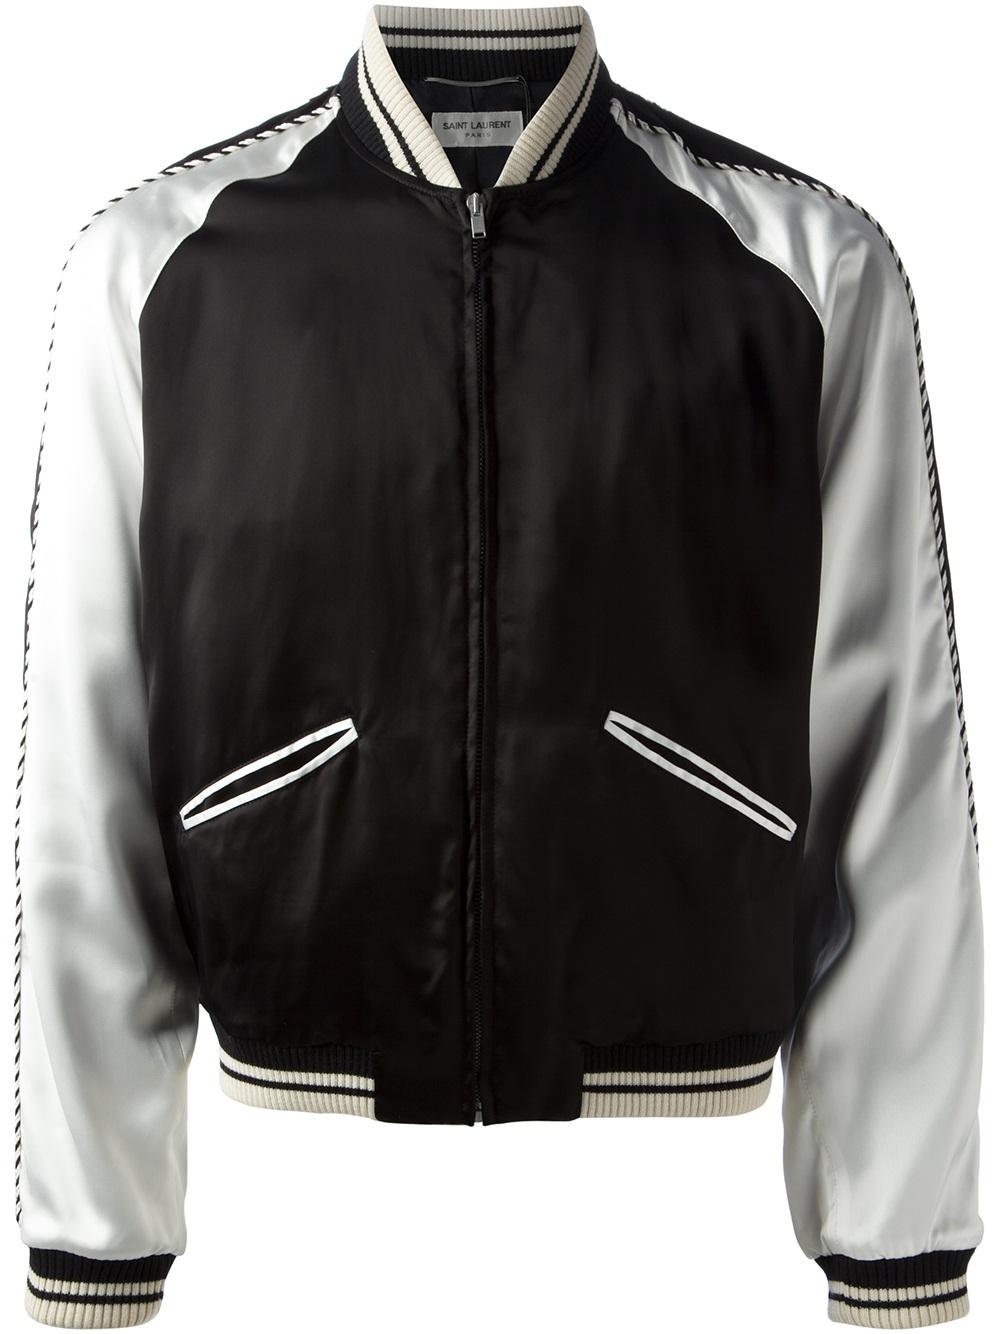 Saint laurent Monochrome Bomber Jacket in Black for Men | Lyst